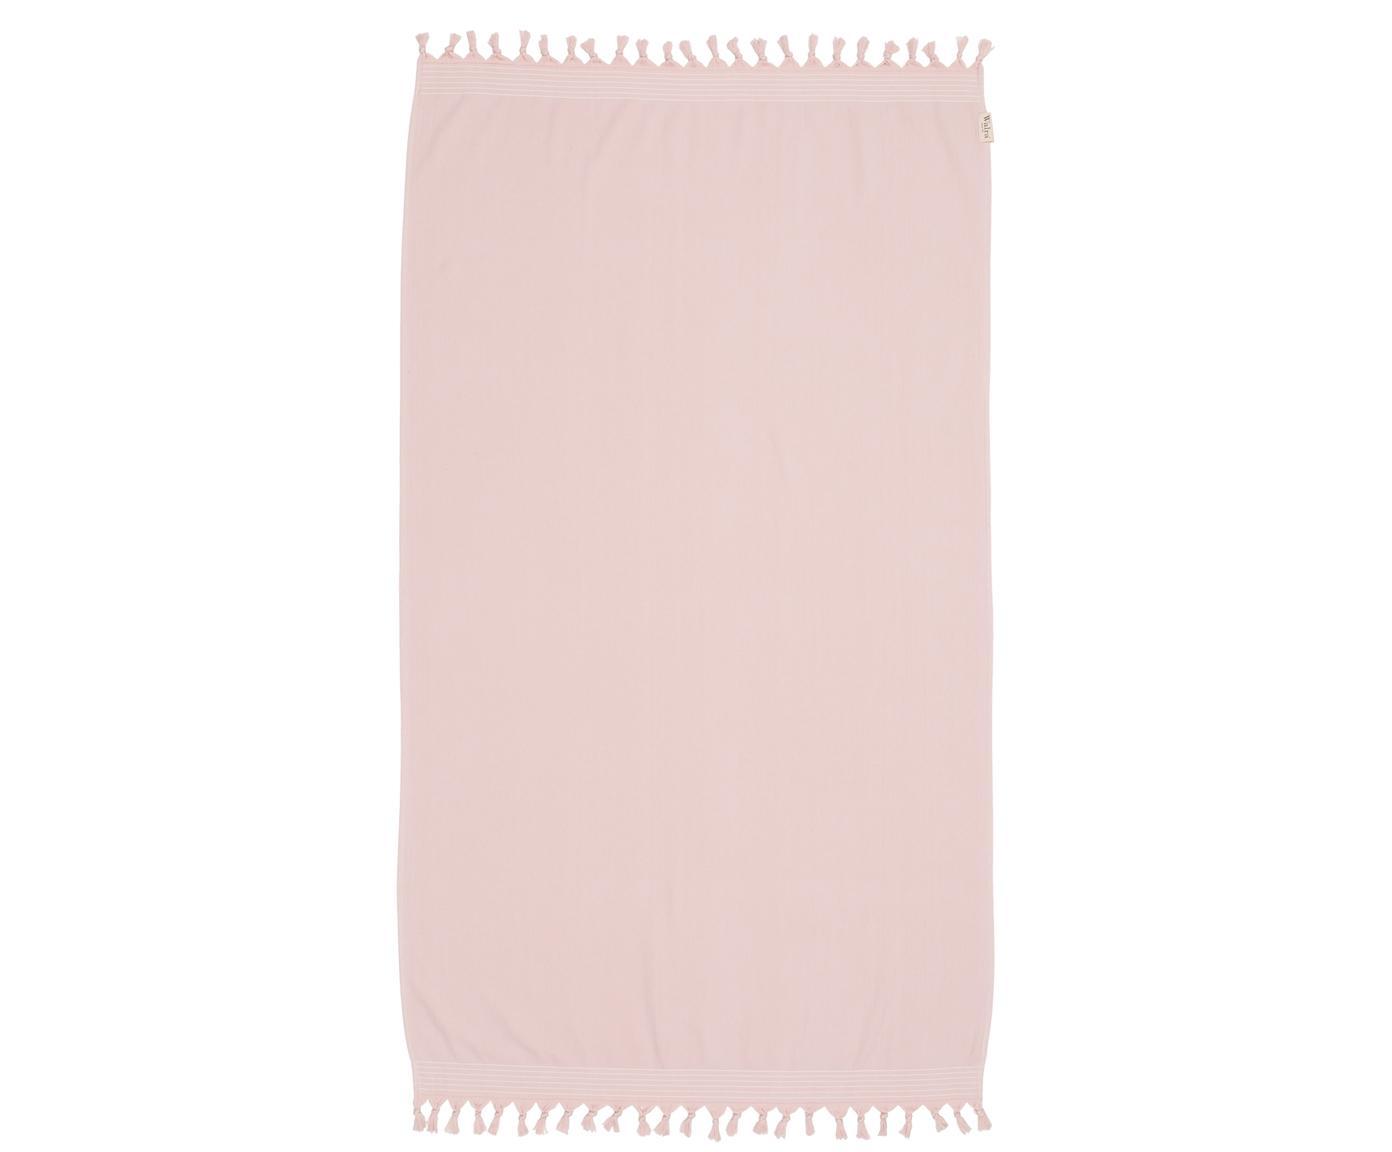 Hamamdoek Soft Cotton met achterzijde van badstof, Roze, wit, 100 x 180 cm